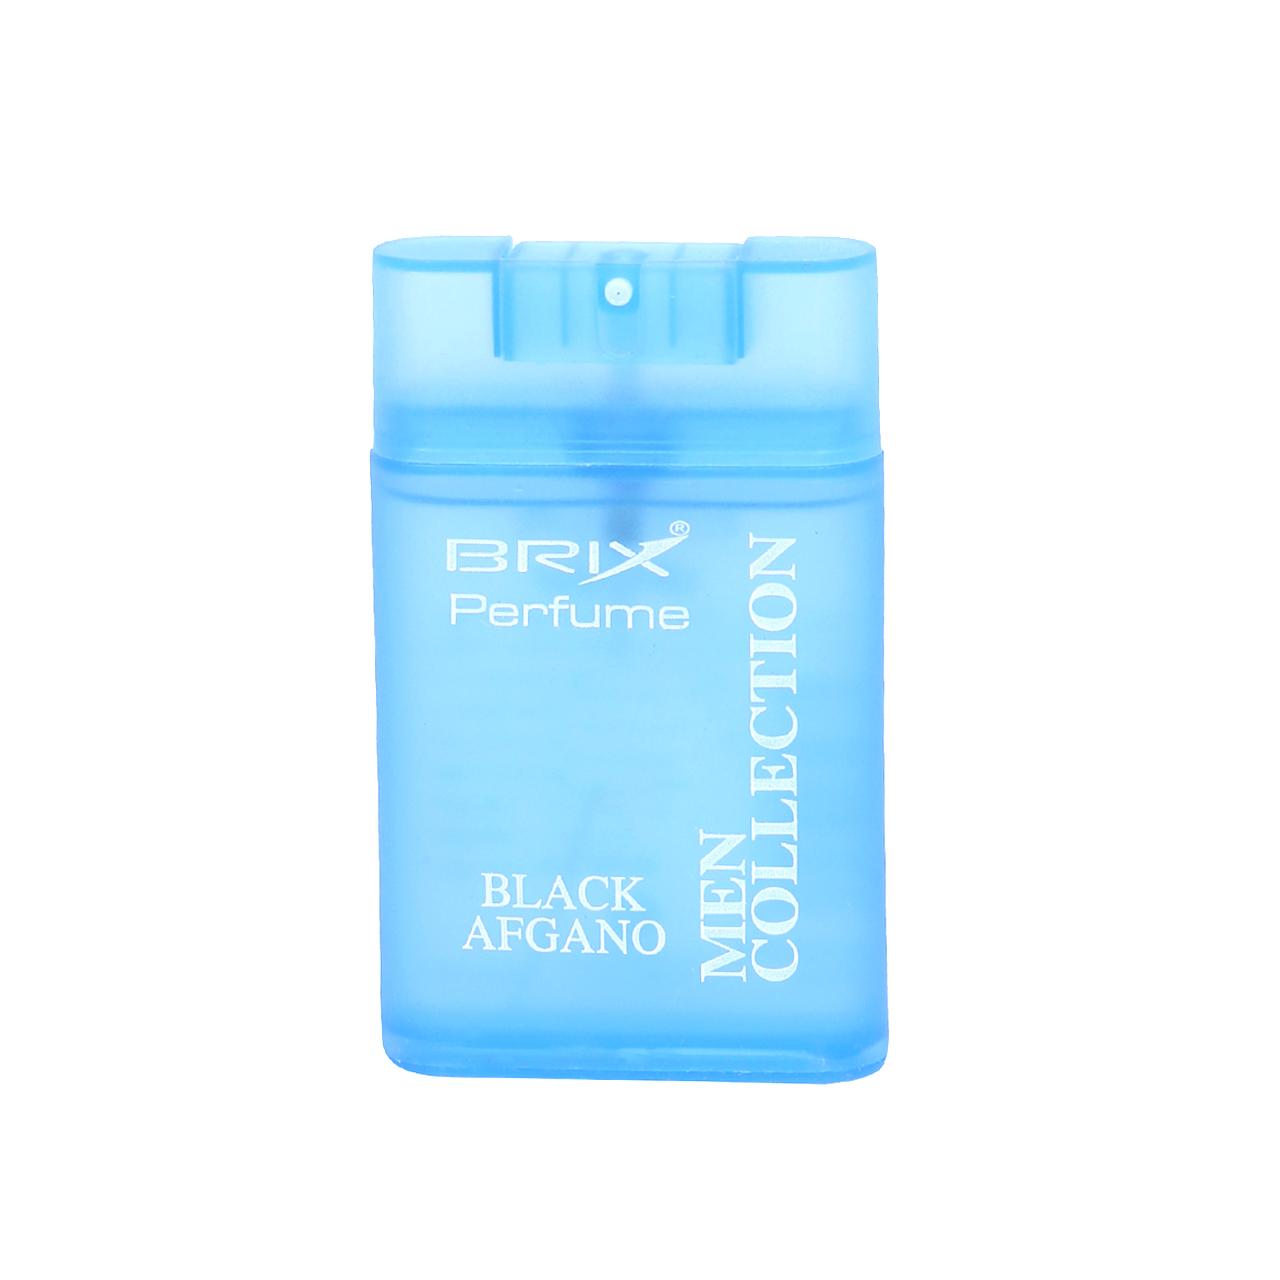 پرفیوم مردانه بریکس مدل BLACK AFGANO حجم 45 میلی لیتر